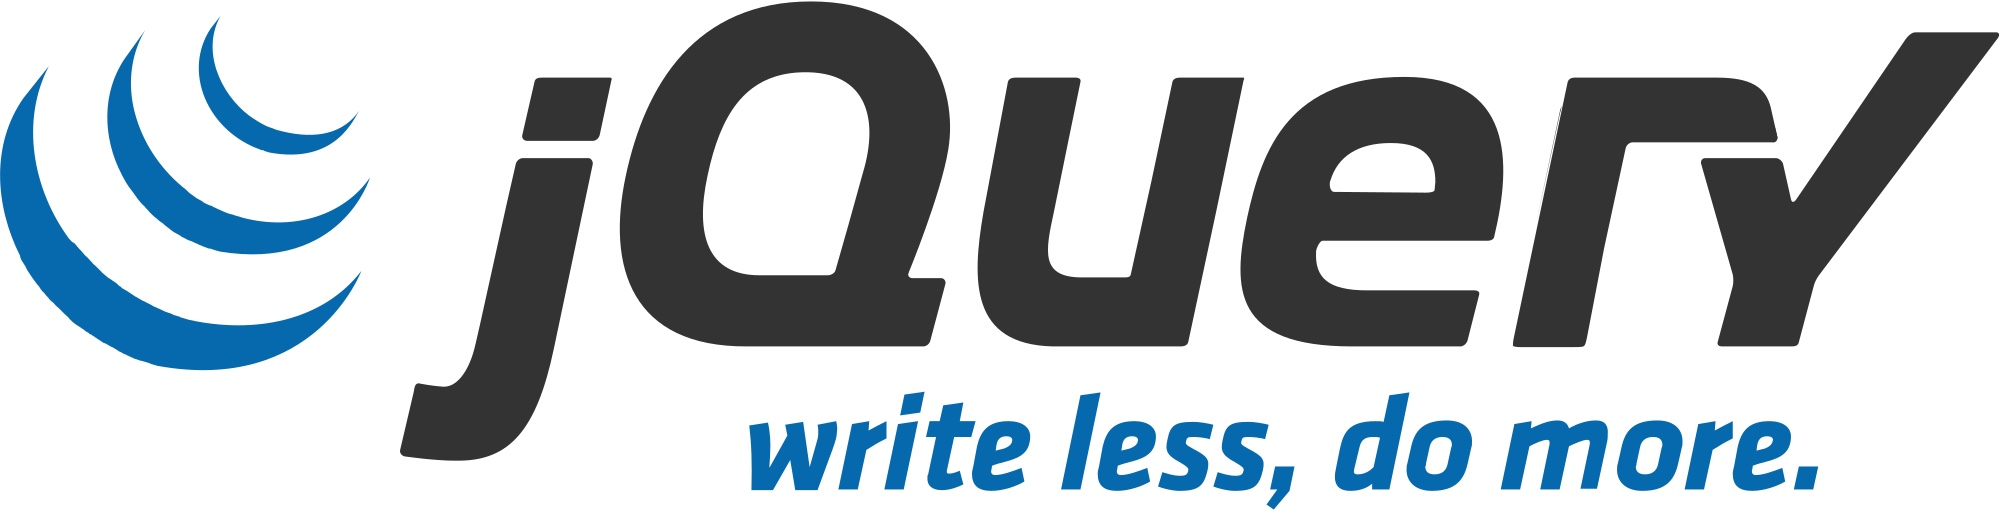 jQuery.com und das Problem mit dem Datenschutz   Steiger Legal